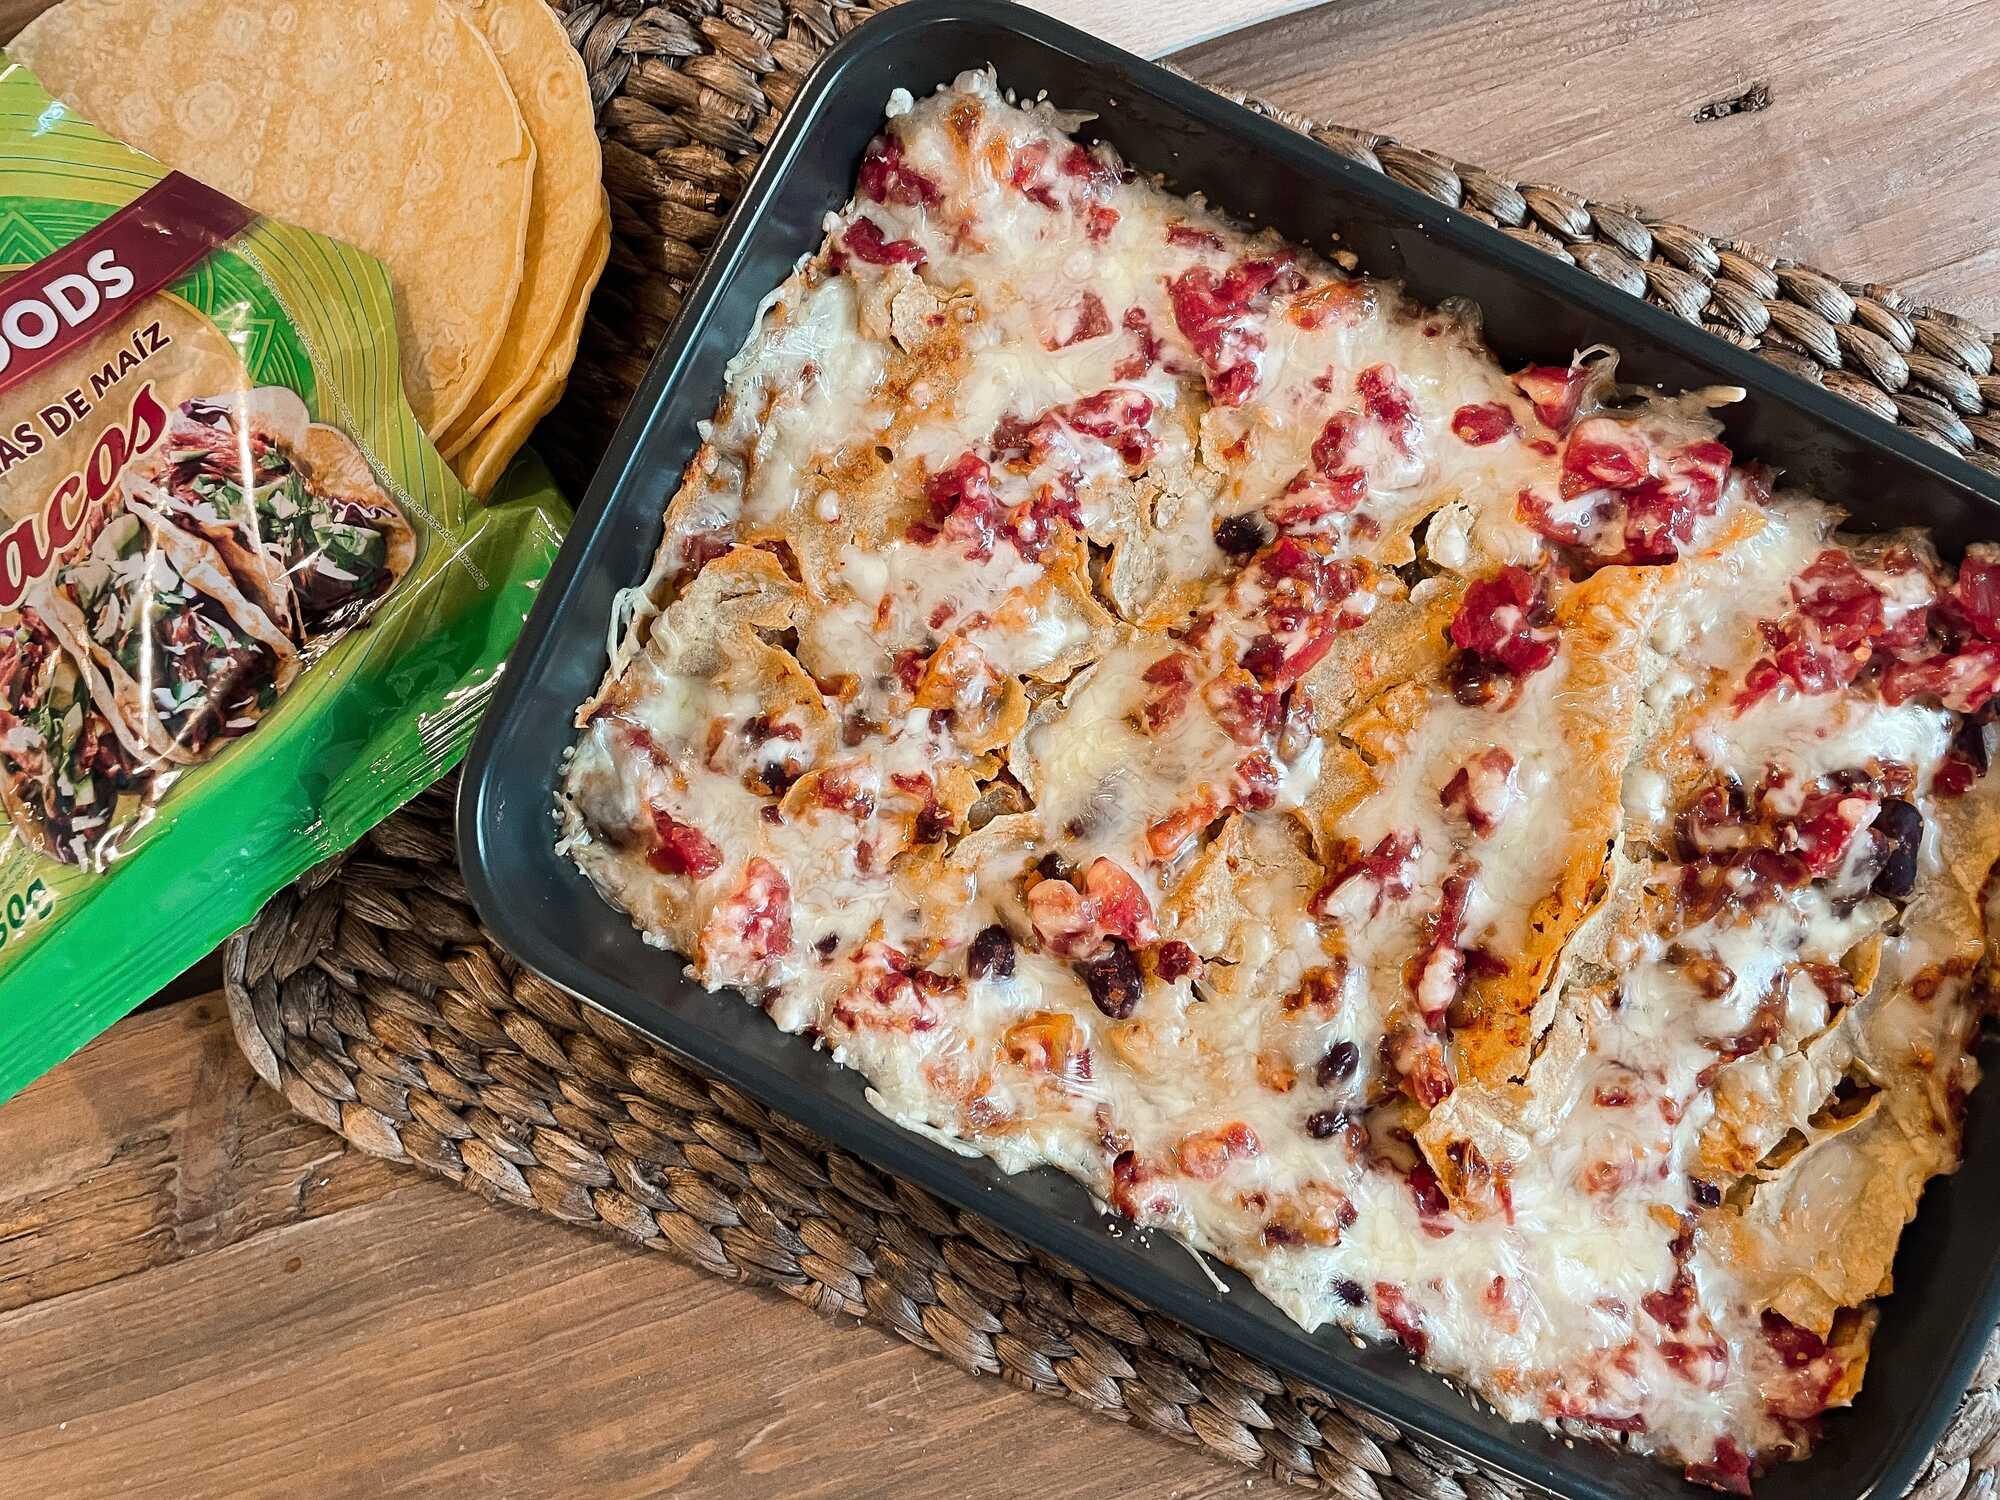 Enchilades végétariennes au fromage, haricots rouges, & protéines de soja présentées dans un plat à gratin.